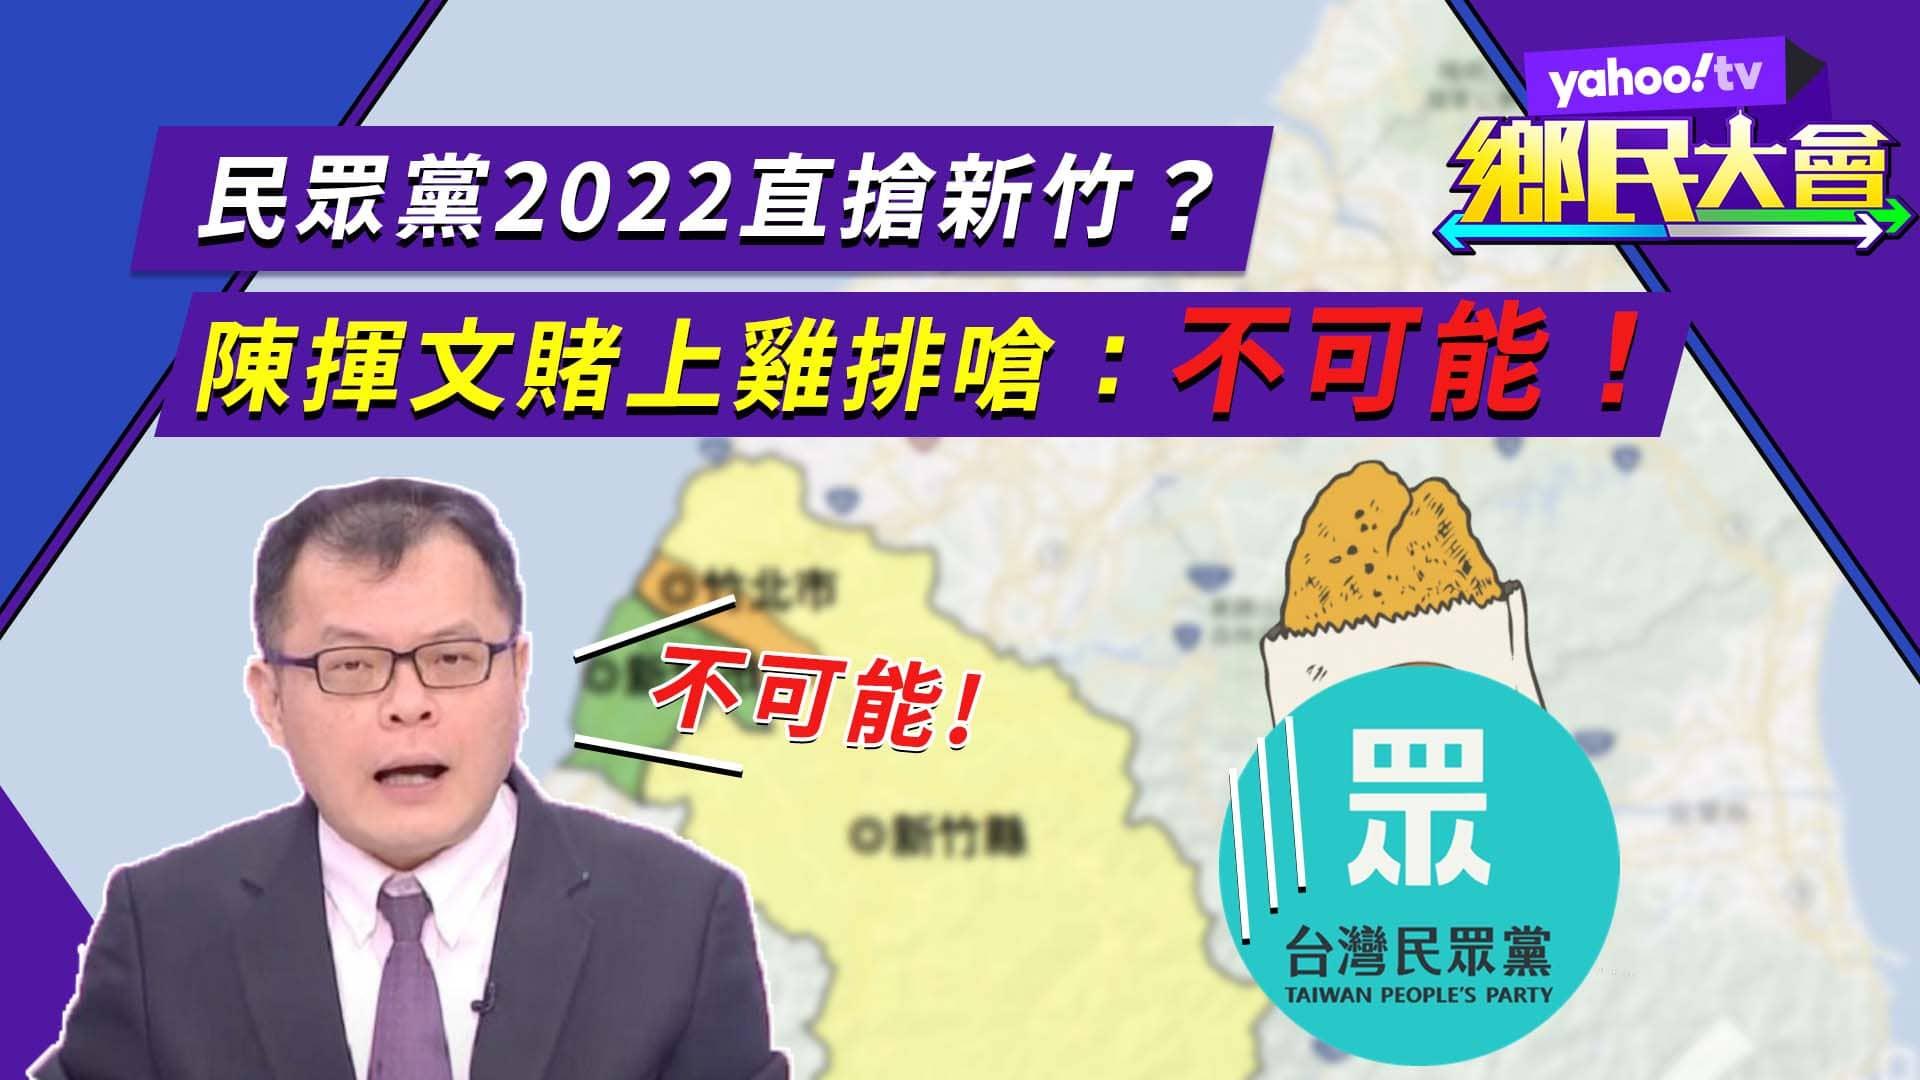 民眾黨2022直搶新竹?陳揮文賭上雞排嗆:不可能!